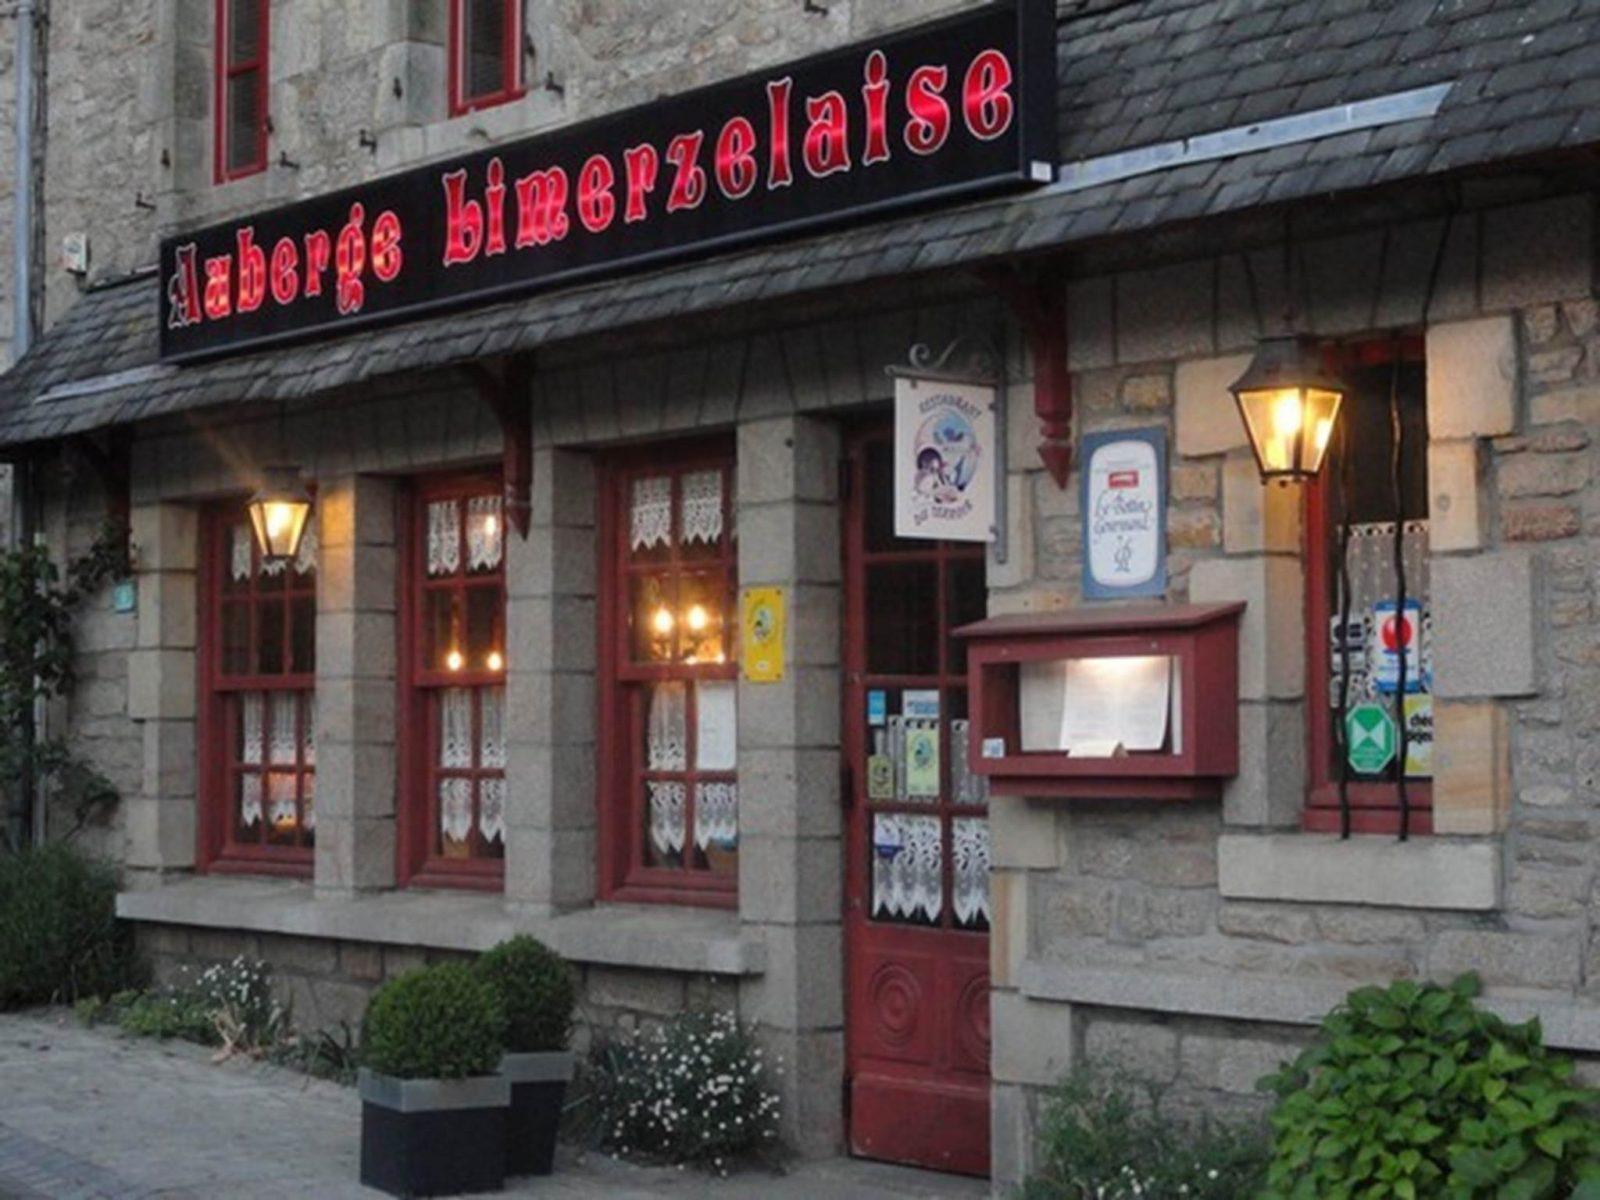 Auberge Limerzelaise Limerzel Morbihan